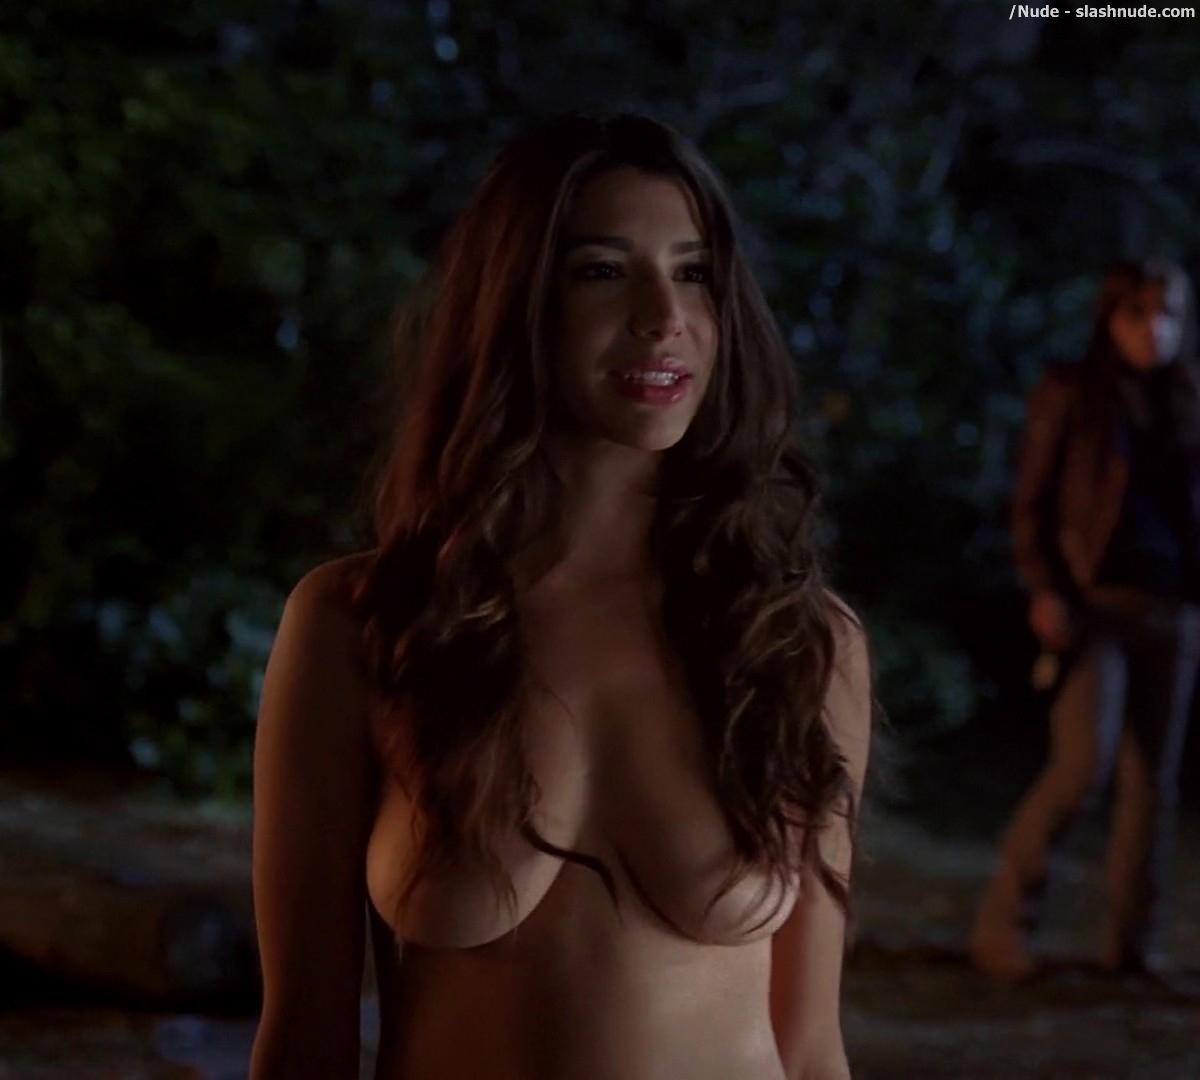 neked sexy girls fucked on youtube